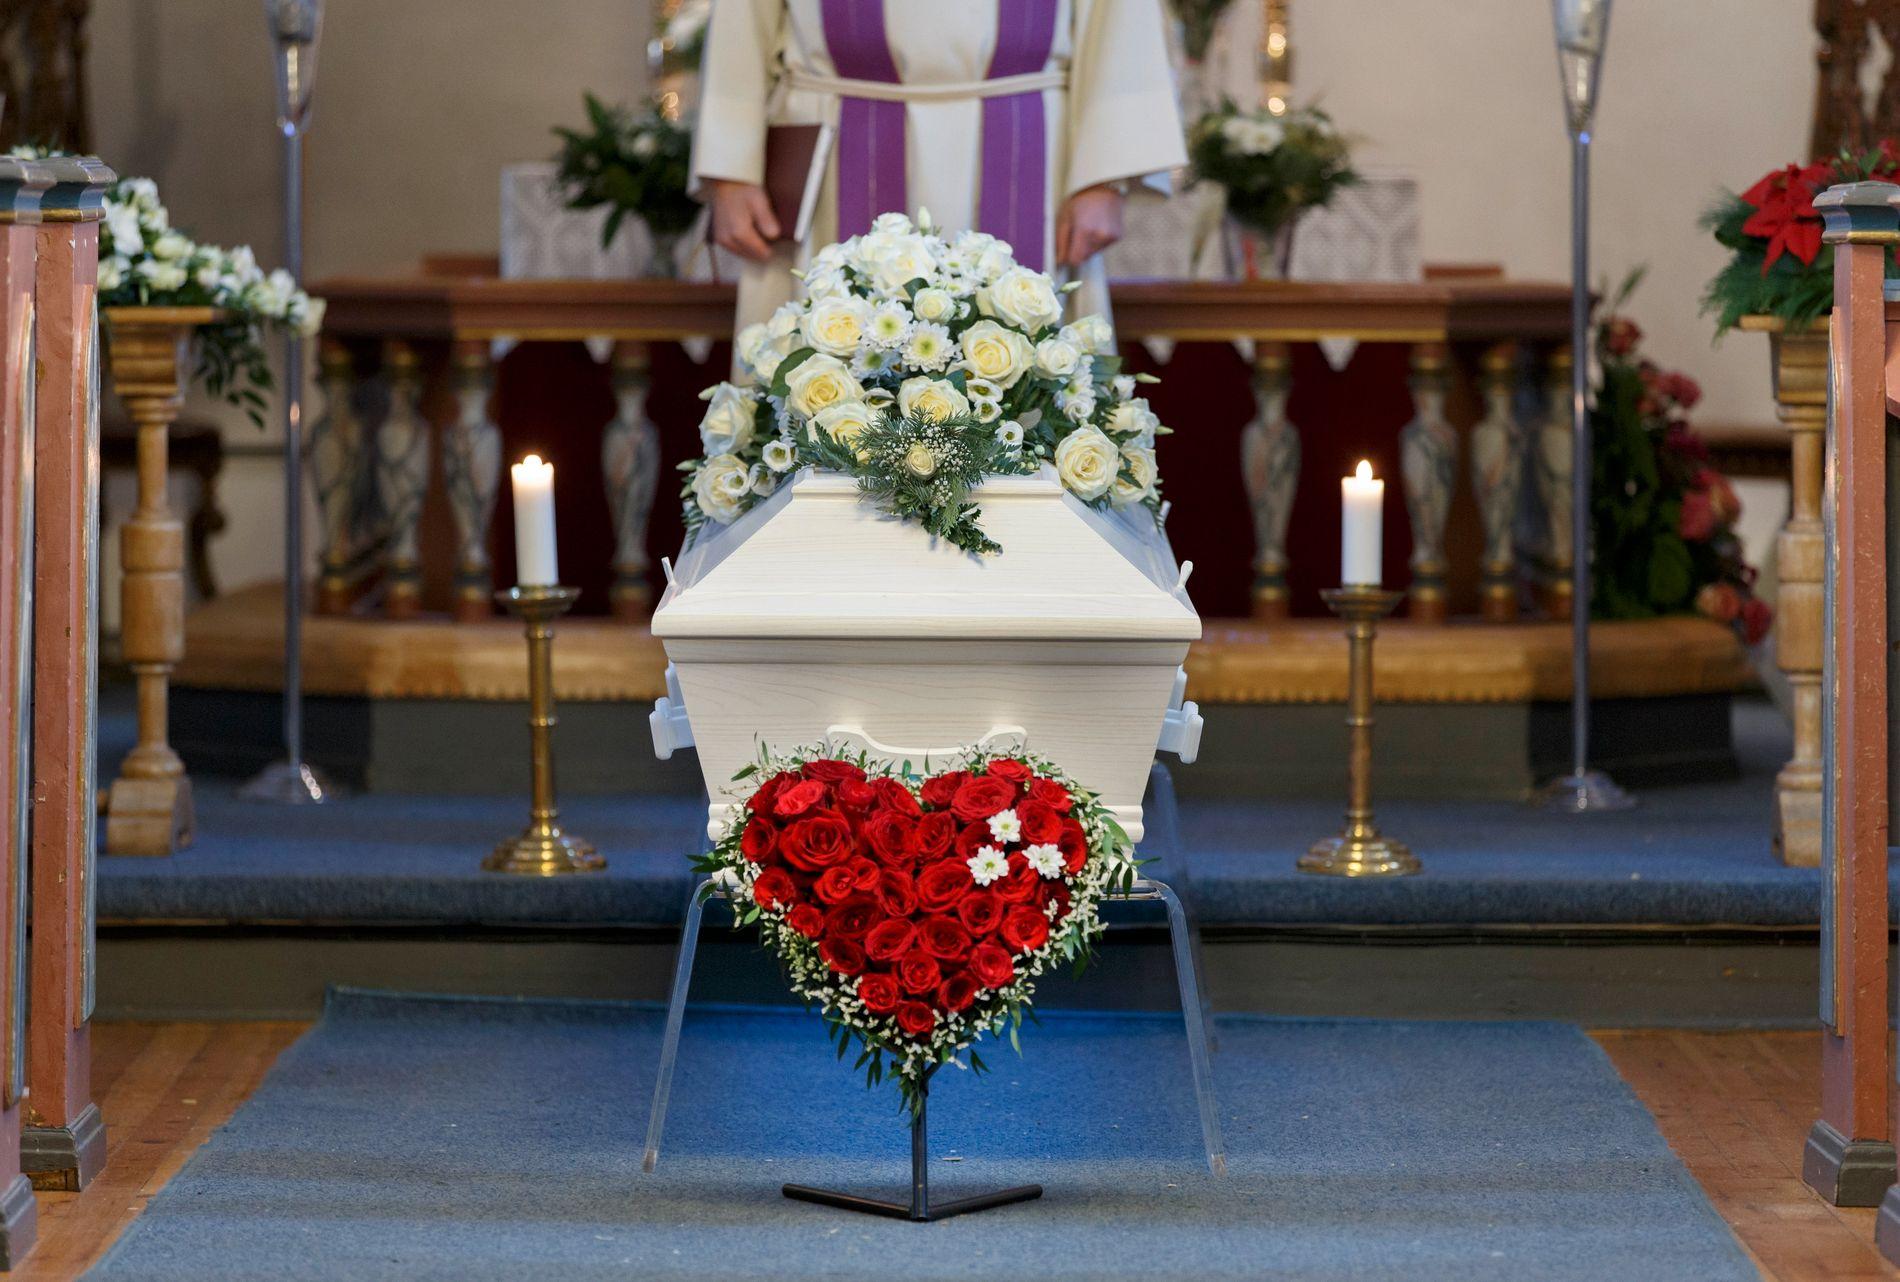 SKREMMANDE: Den totale ignoreringa av det som skjer etter at presten har sagt «til jord skal du bli», er skremmande for meg som søkjer kyrkja i ein sorgprosess, skriv innsendar.